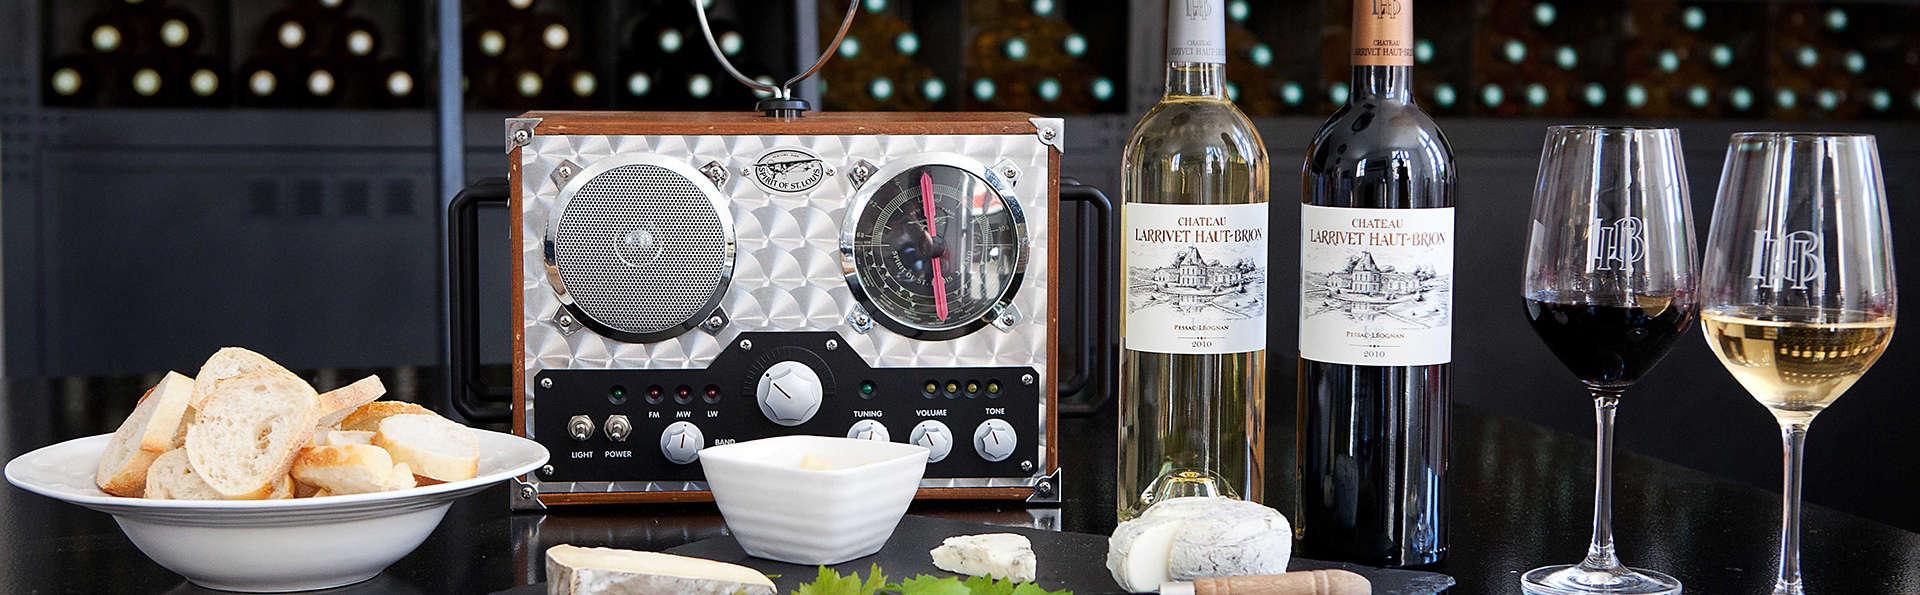 Bien-être et dégustation au Château Larrivet Haut-Brion aux portes de Bordeaux